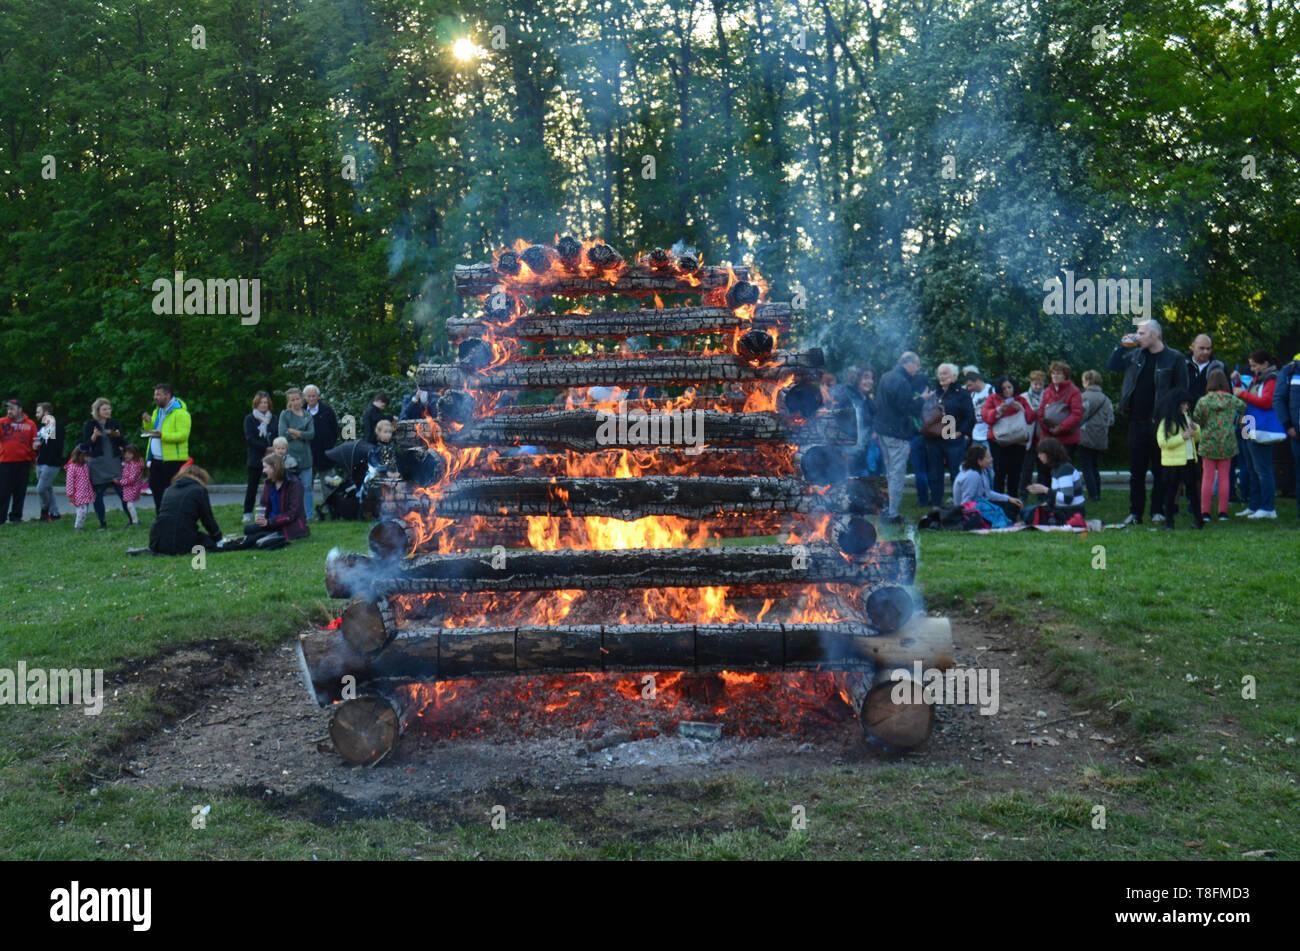 Pagan Customs Stock Photos & Pagan Customs Stock Images - Alamy